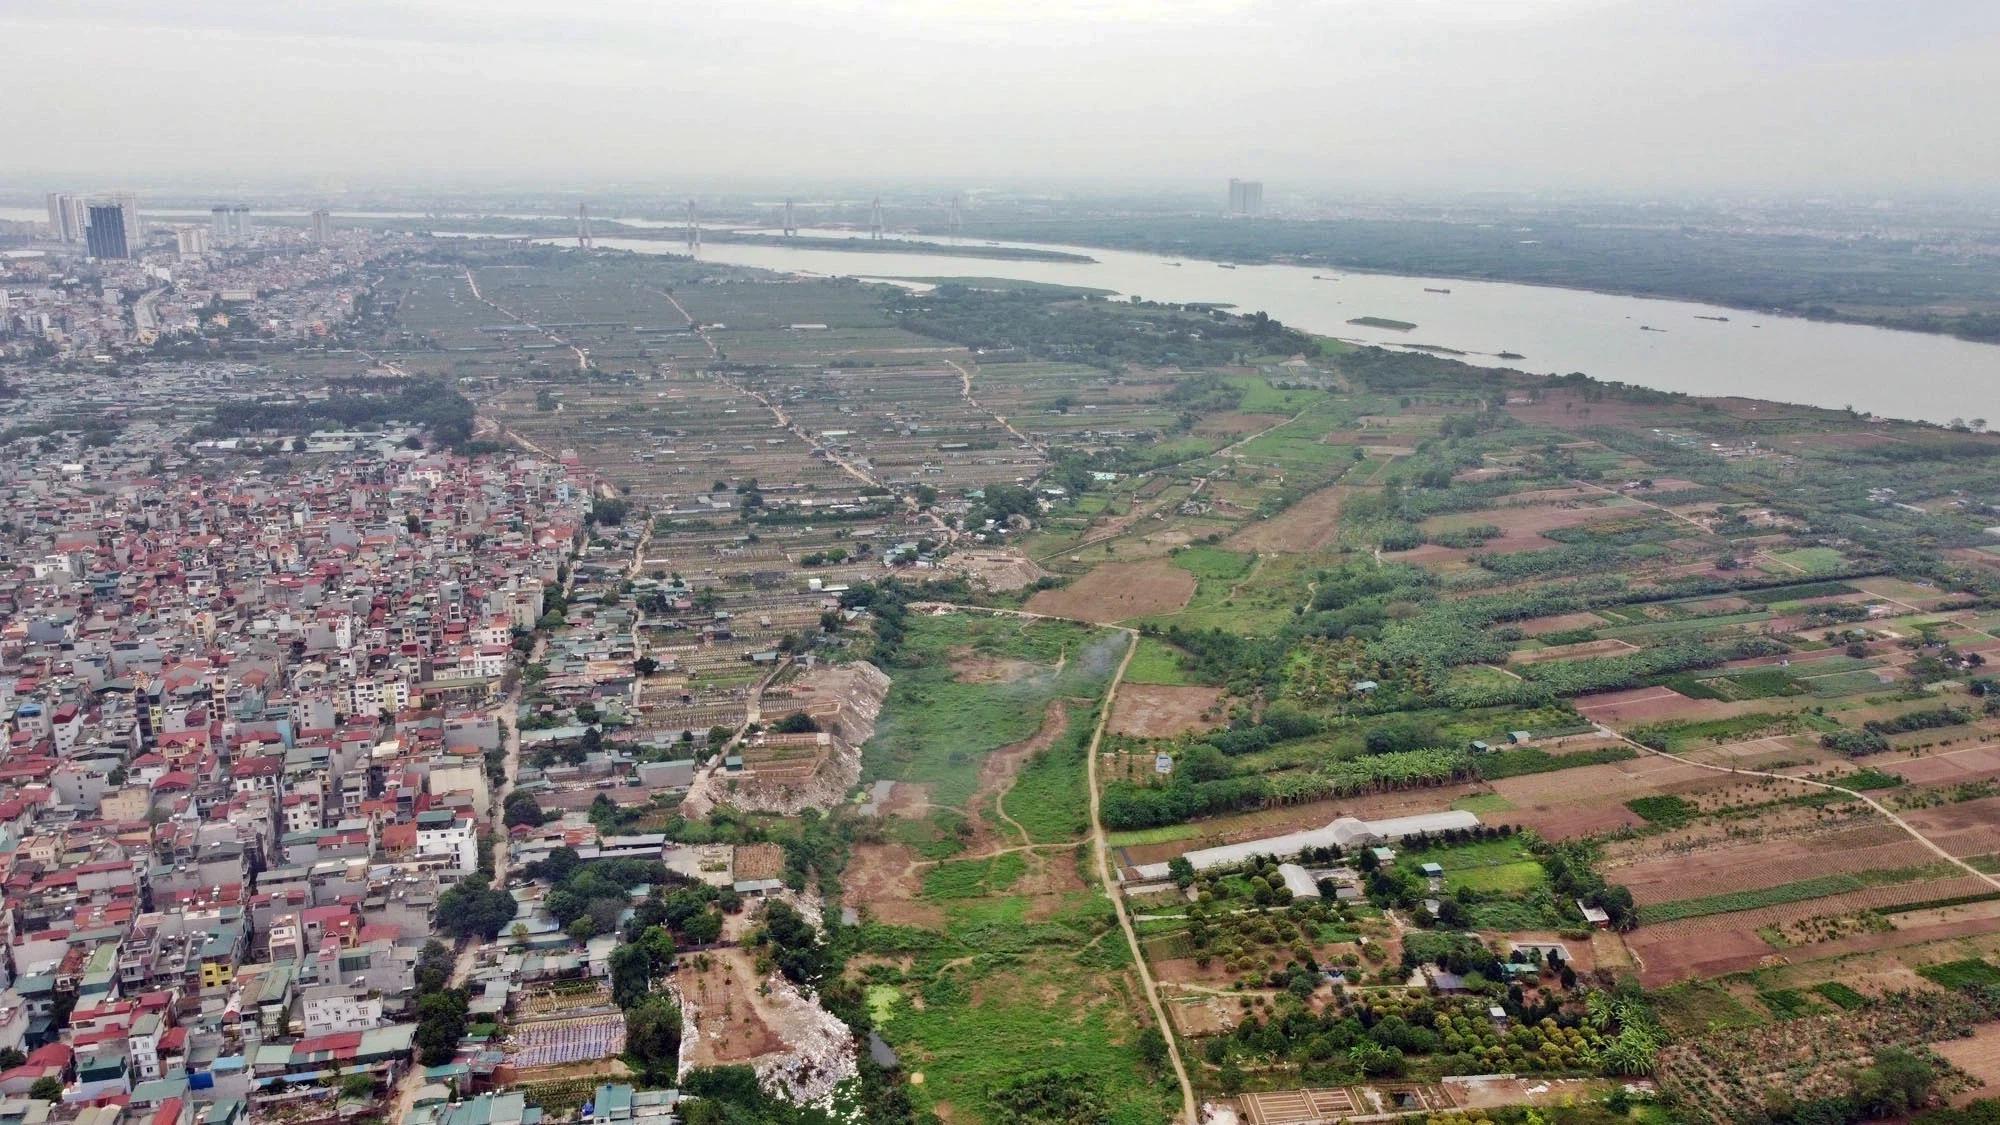 Toàn cảnh hiện trạng Phân khu đô thị sông Hồng trên địa bàn quận Tây Hồ - Ảnh 23.